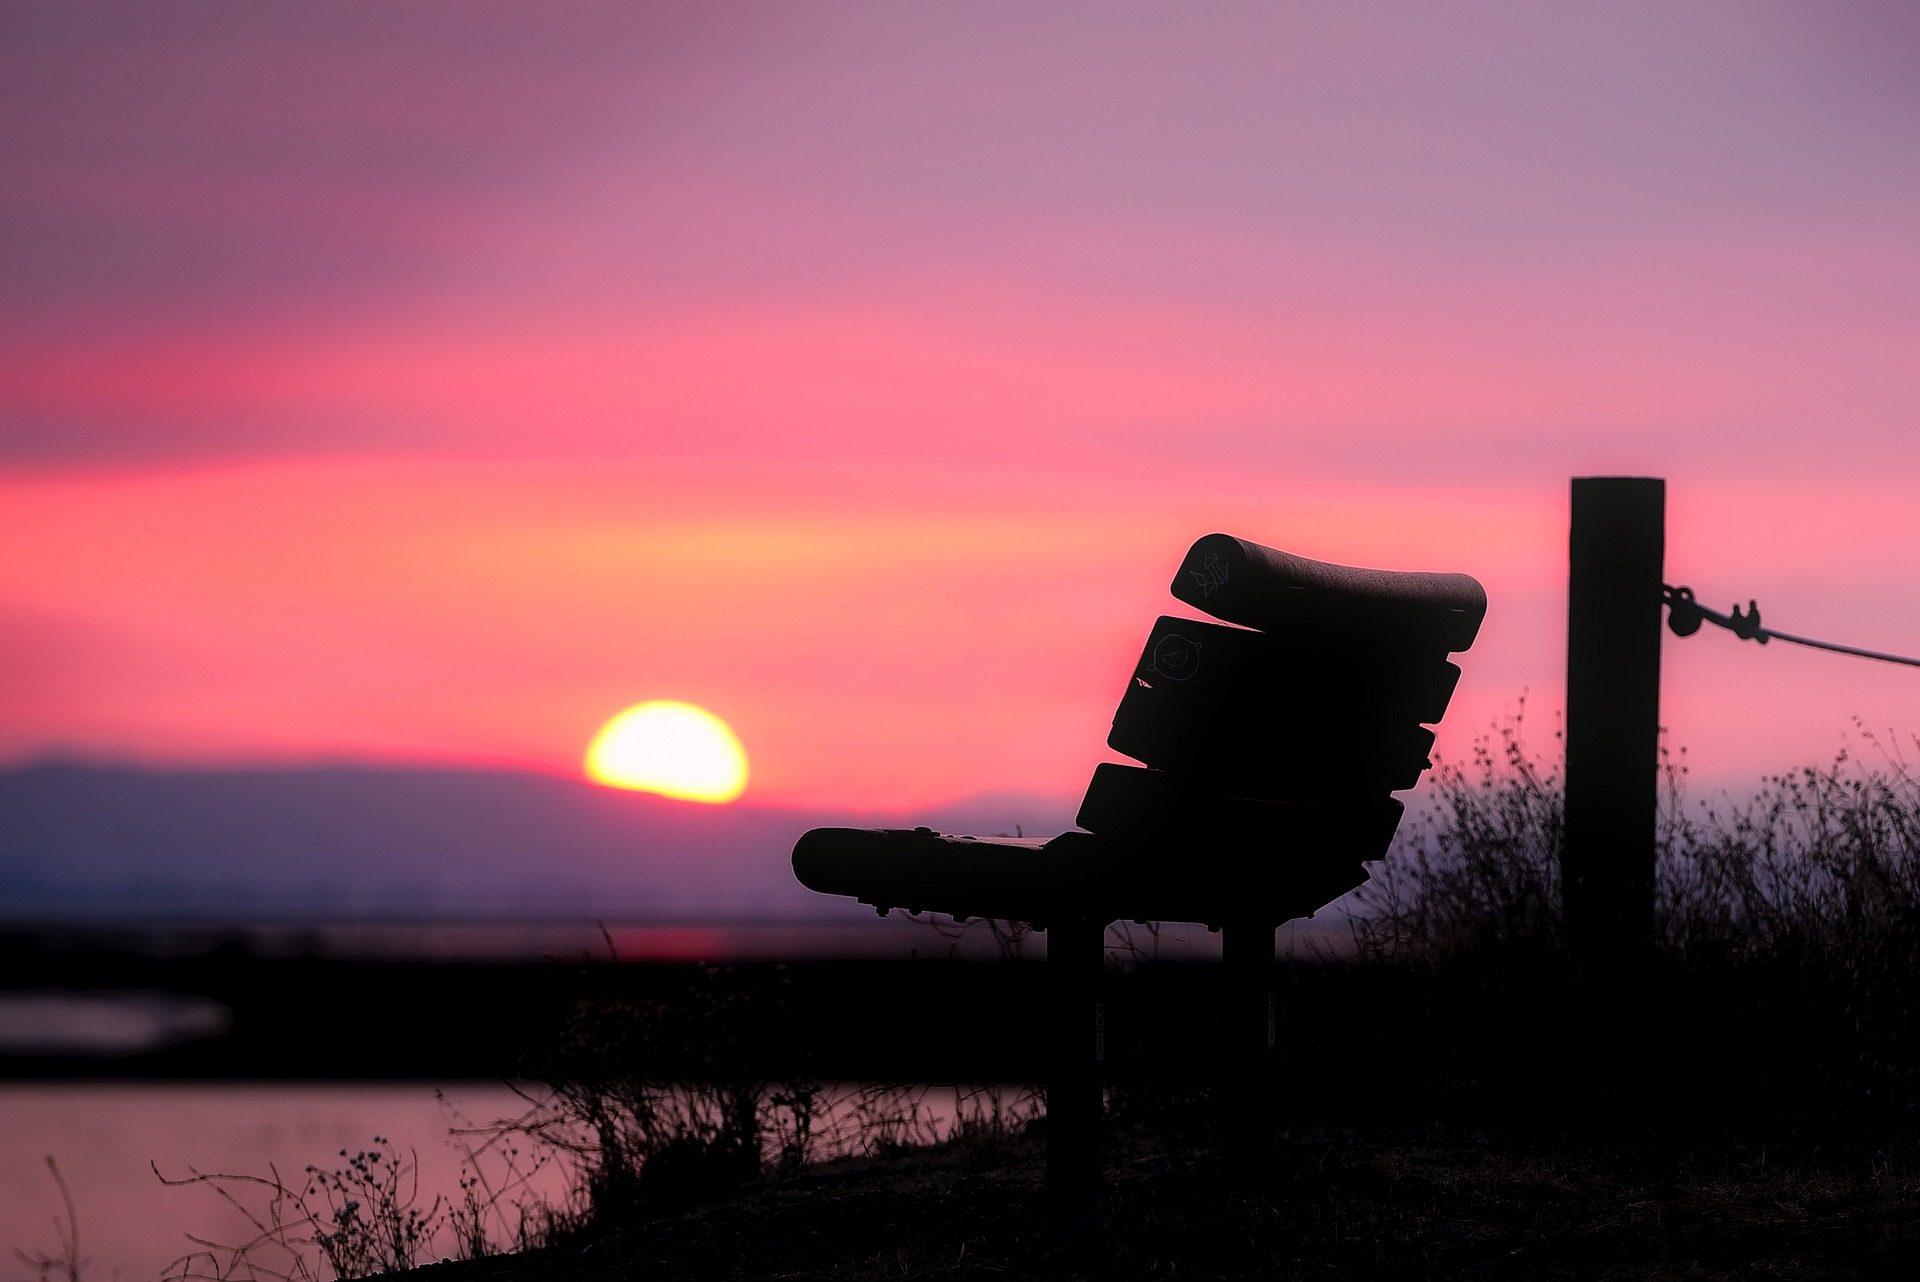 banco, asiento, atardecer, puesta de sol, cielo, rosado, relax - Fondos de Pantalla HD - professor-falken.com